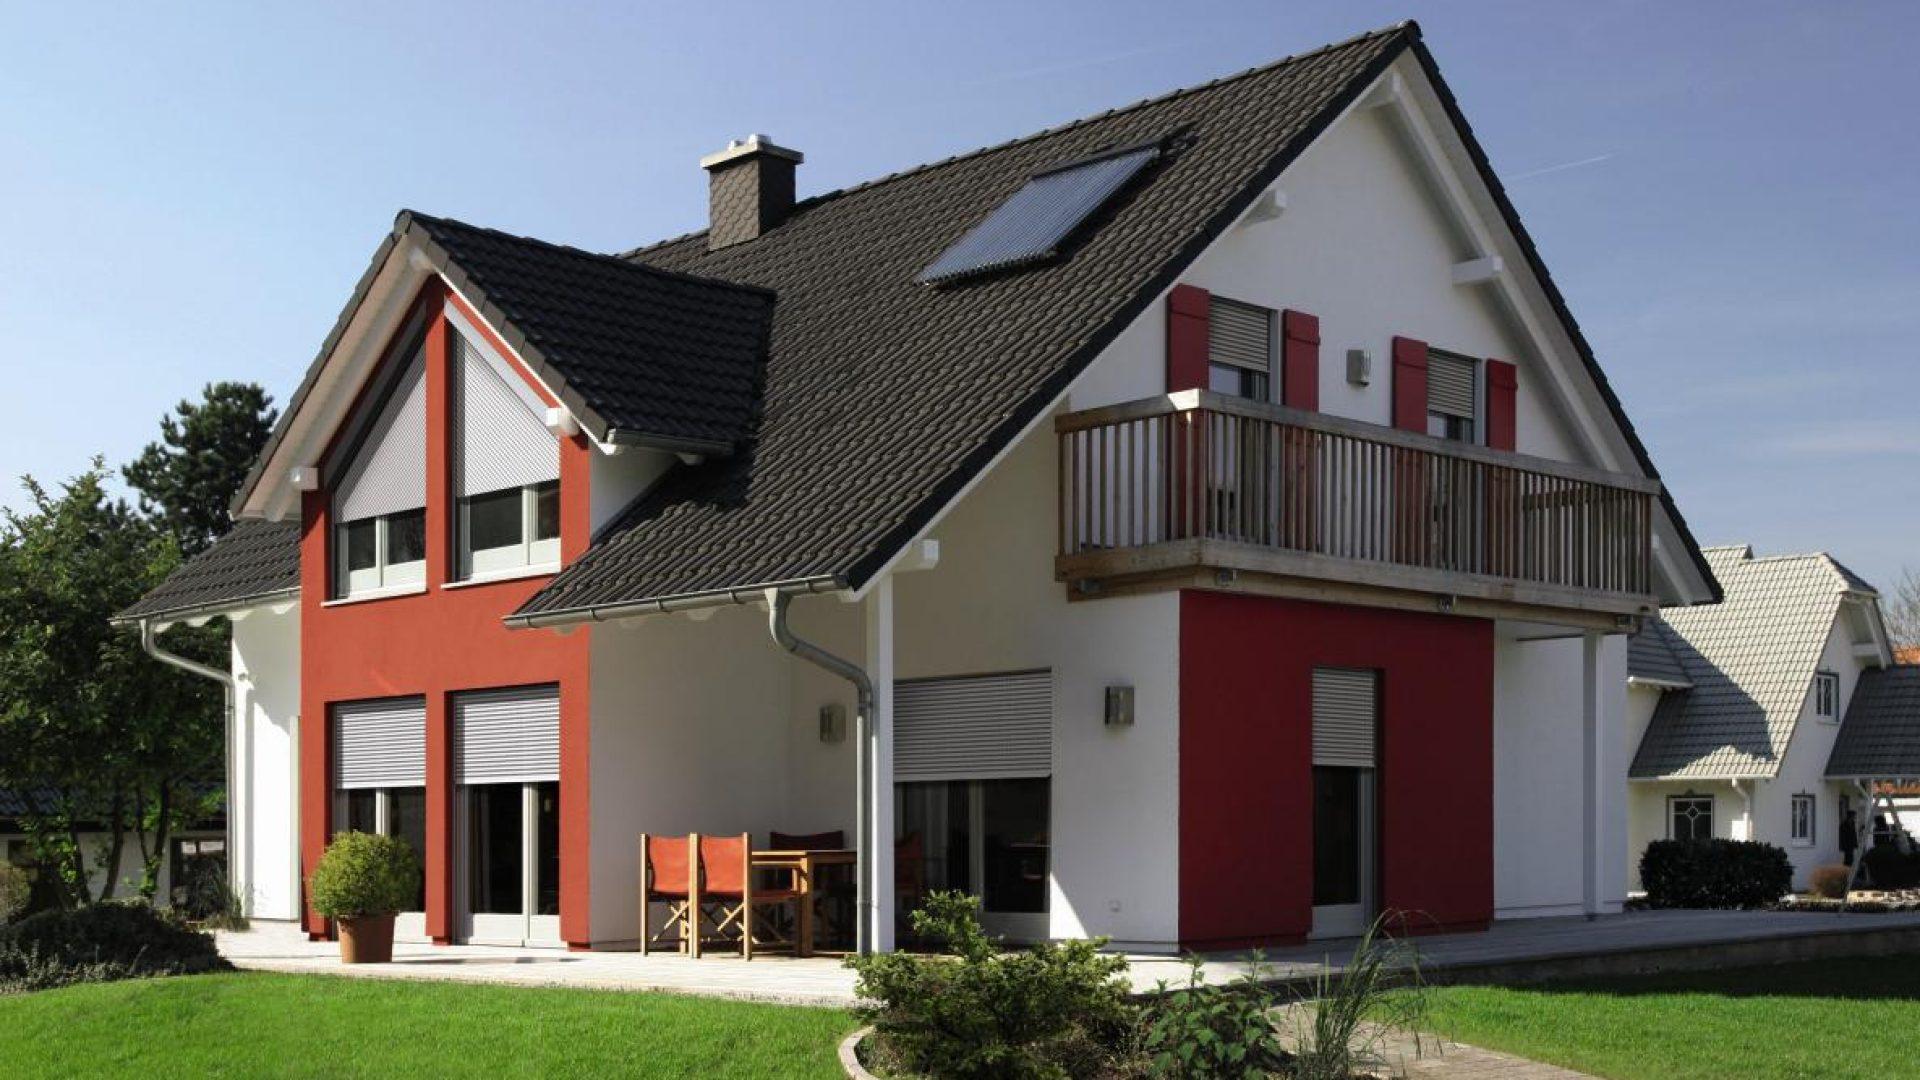 sonnenschutz sichtschutz wetterschutz f r ludwigsburg und stuttgart. Black Bedroom Furniture Sets. Home Design Ideas